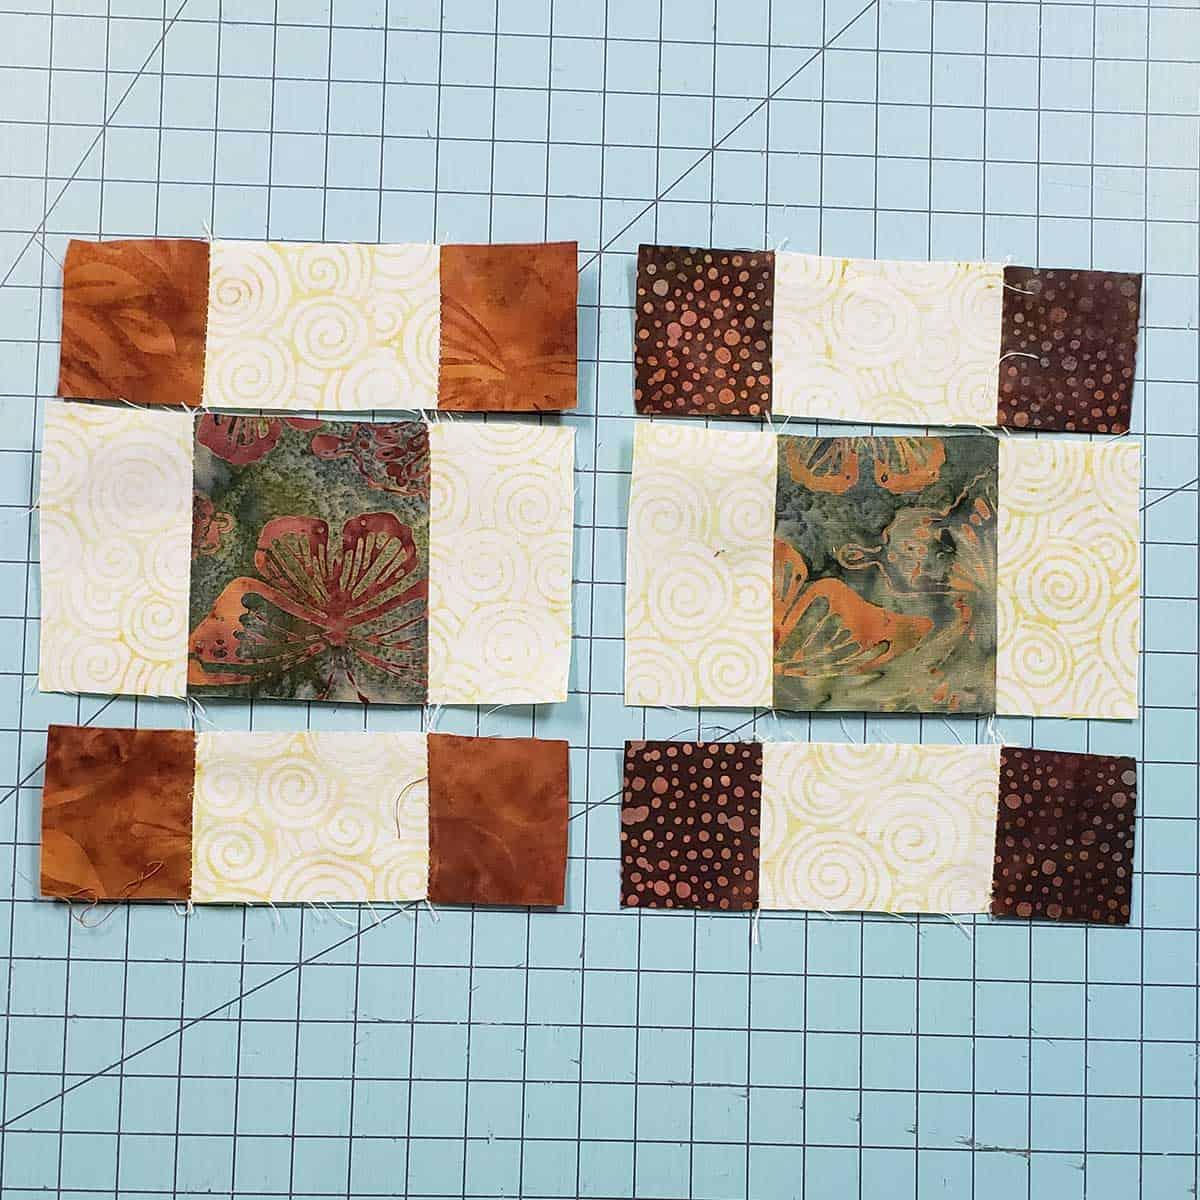 Uneven 9-patch quilt block